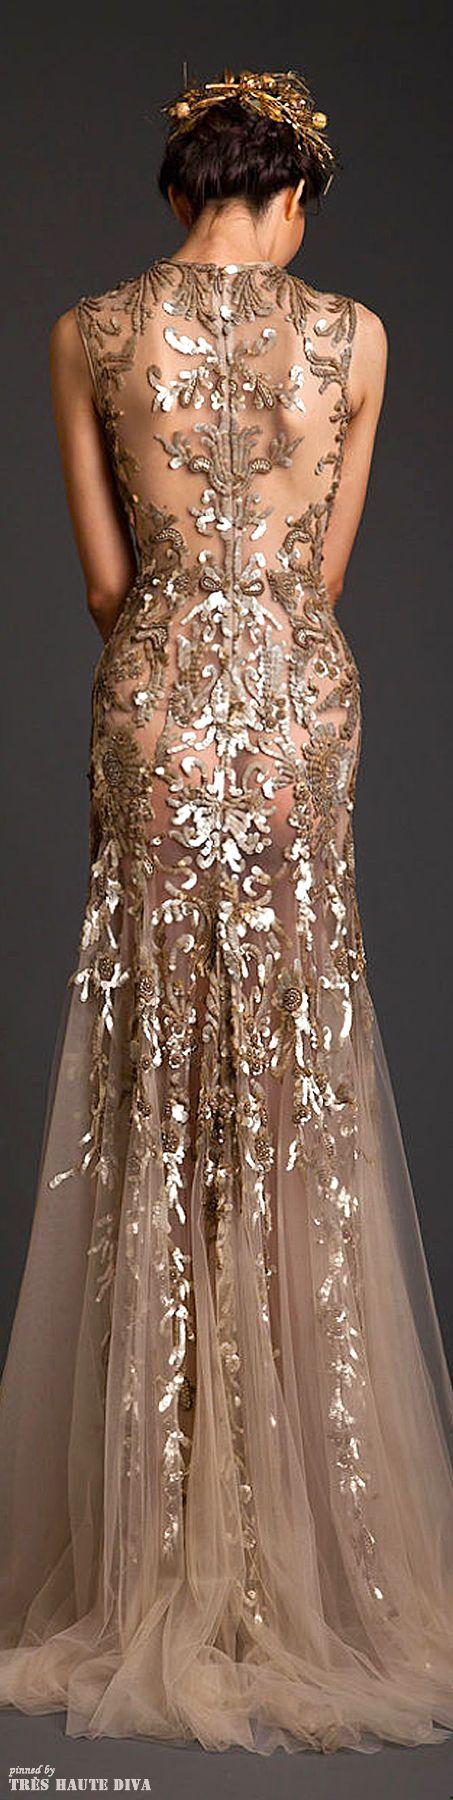 Krikor Jabotian Couture ~ S/S 2014 https://www.etsy.com/shop/InfinityTiffany https://www.etsy.com/shop/OrendaFashion